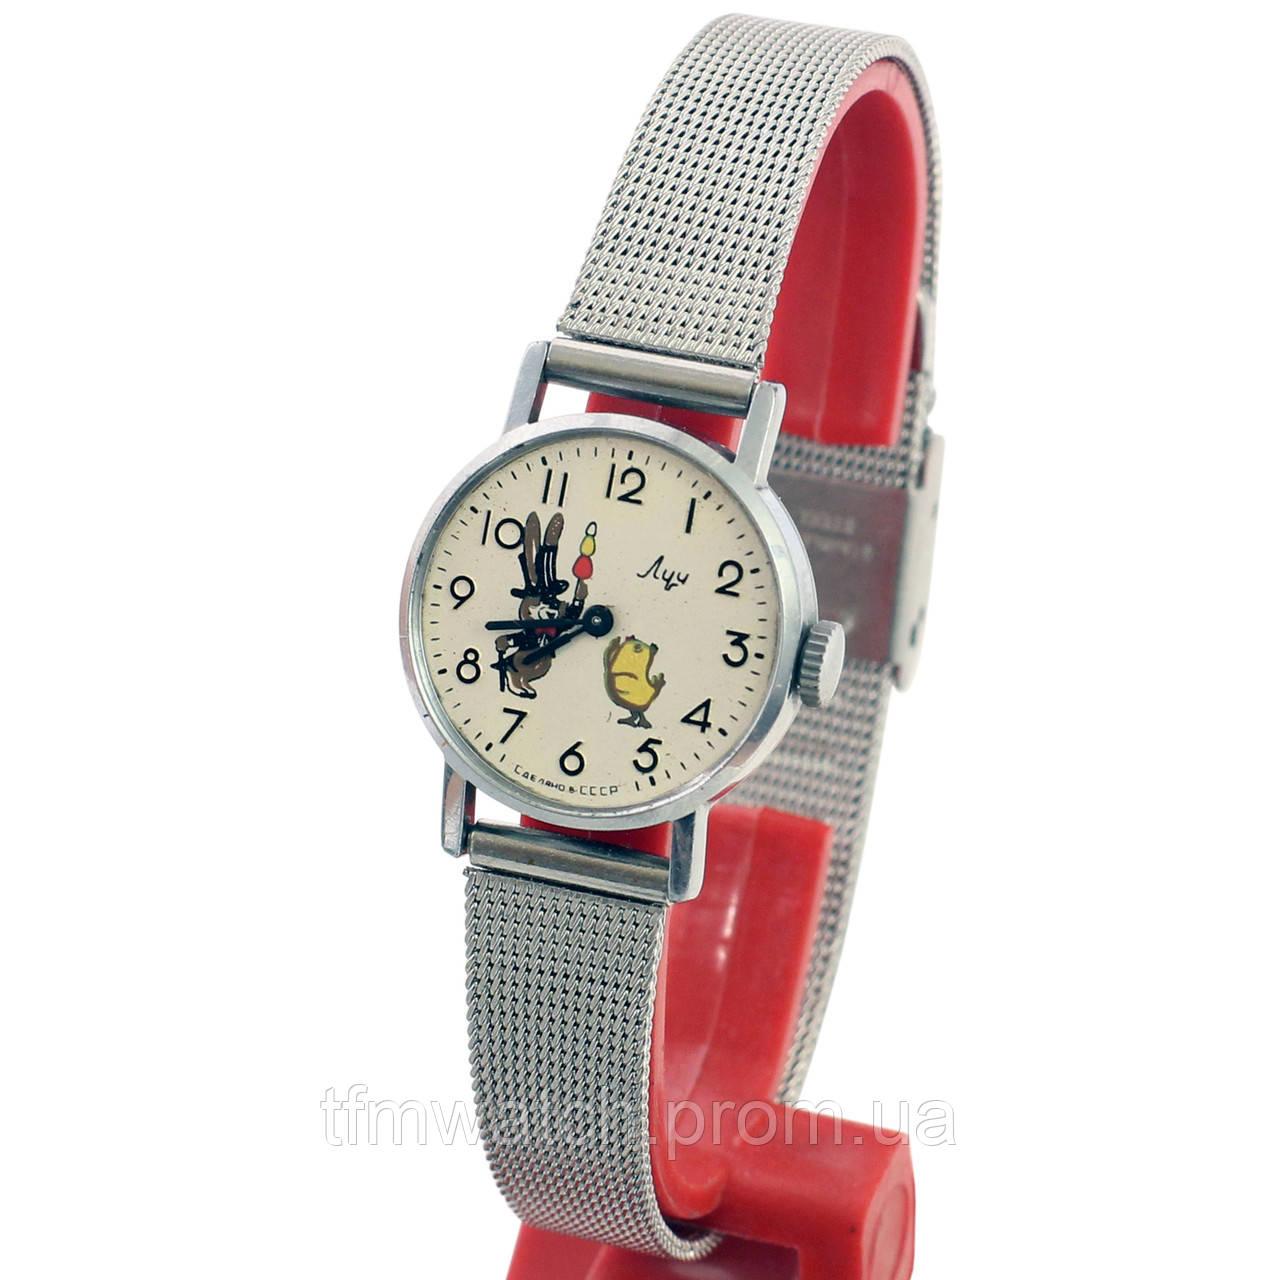 Купить часы наручные детские москва наручные часы башни